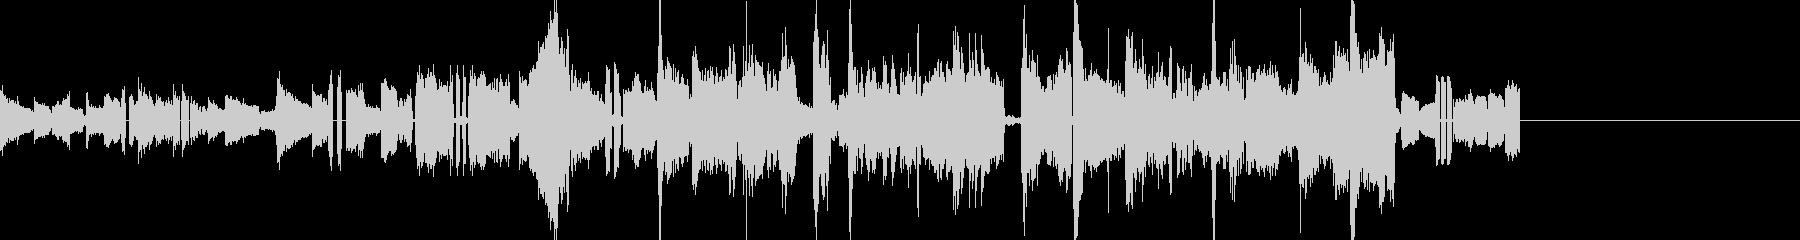 おしゃれなアコギのBGM ショートverの未再生の波形